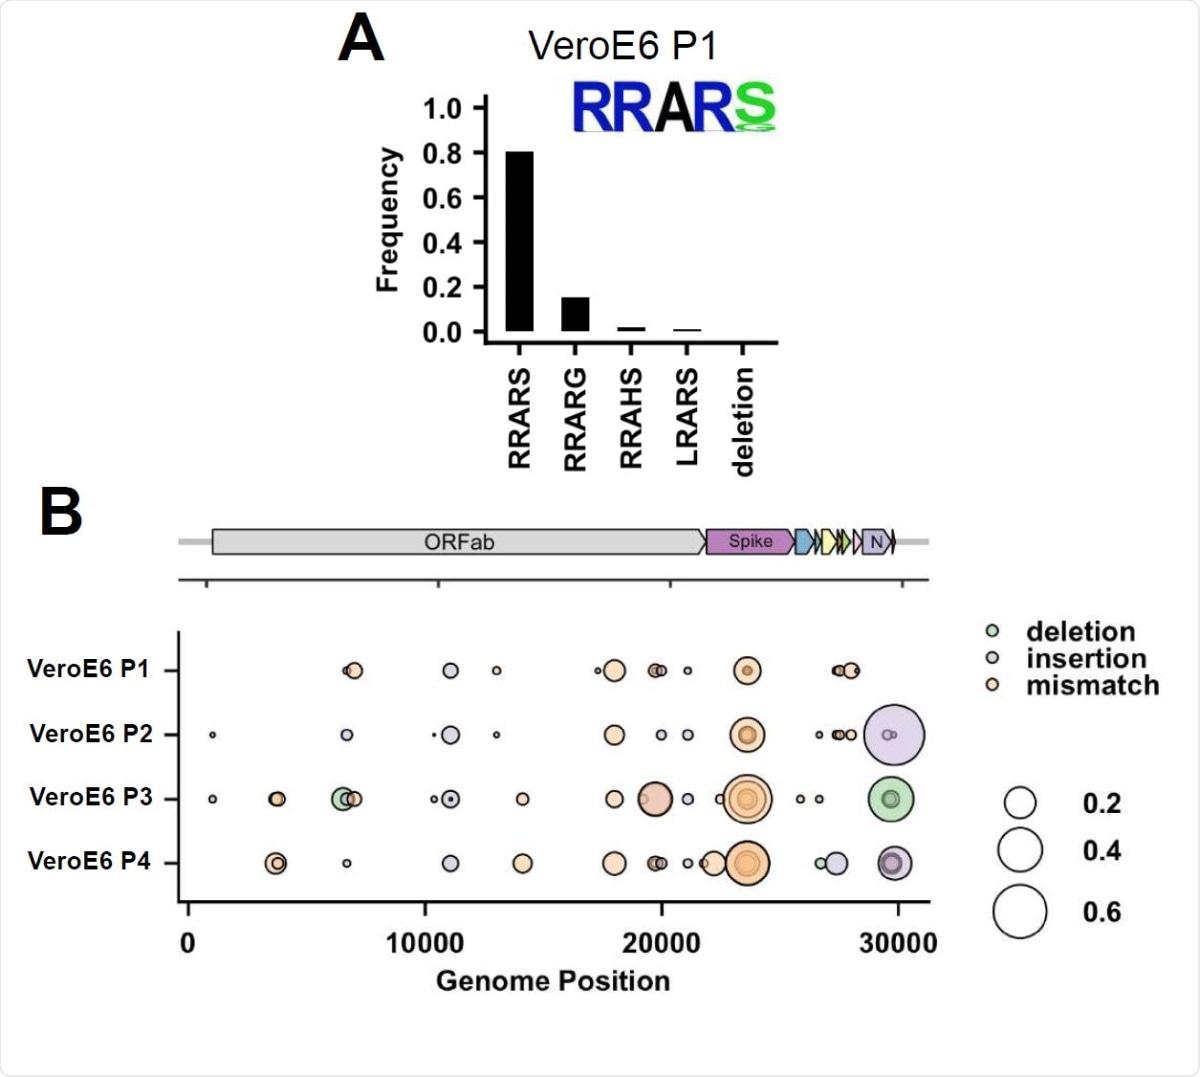 Análisis de secuenciación profunda del sitio de escisión multibásico del virus del paso 1 de VeroE6 y análisis de secuenciación profunda del genoma completo de los virus del paso 1-4.  (A) Análisis de secuenciación profunda del stock de virus del paso 1 de VeroE6.  En cada gráfico se muestra el logotipo de la secuencia de aminoácidos del sitio de escisión multibásico.  (B) Análisis de secuenciación profunda del genoma completo de virus VeroE6 pasaje 1, 2, 3 y pasaje 4.